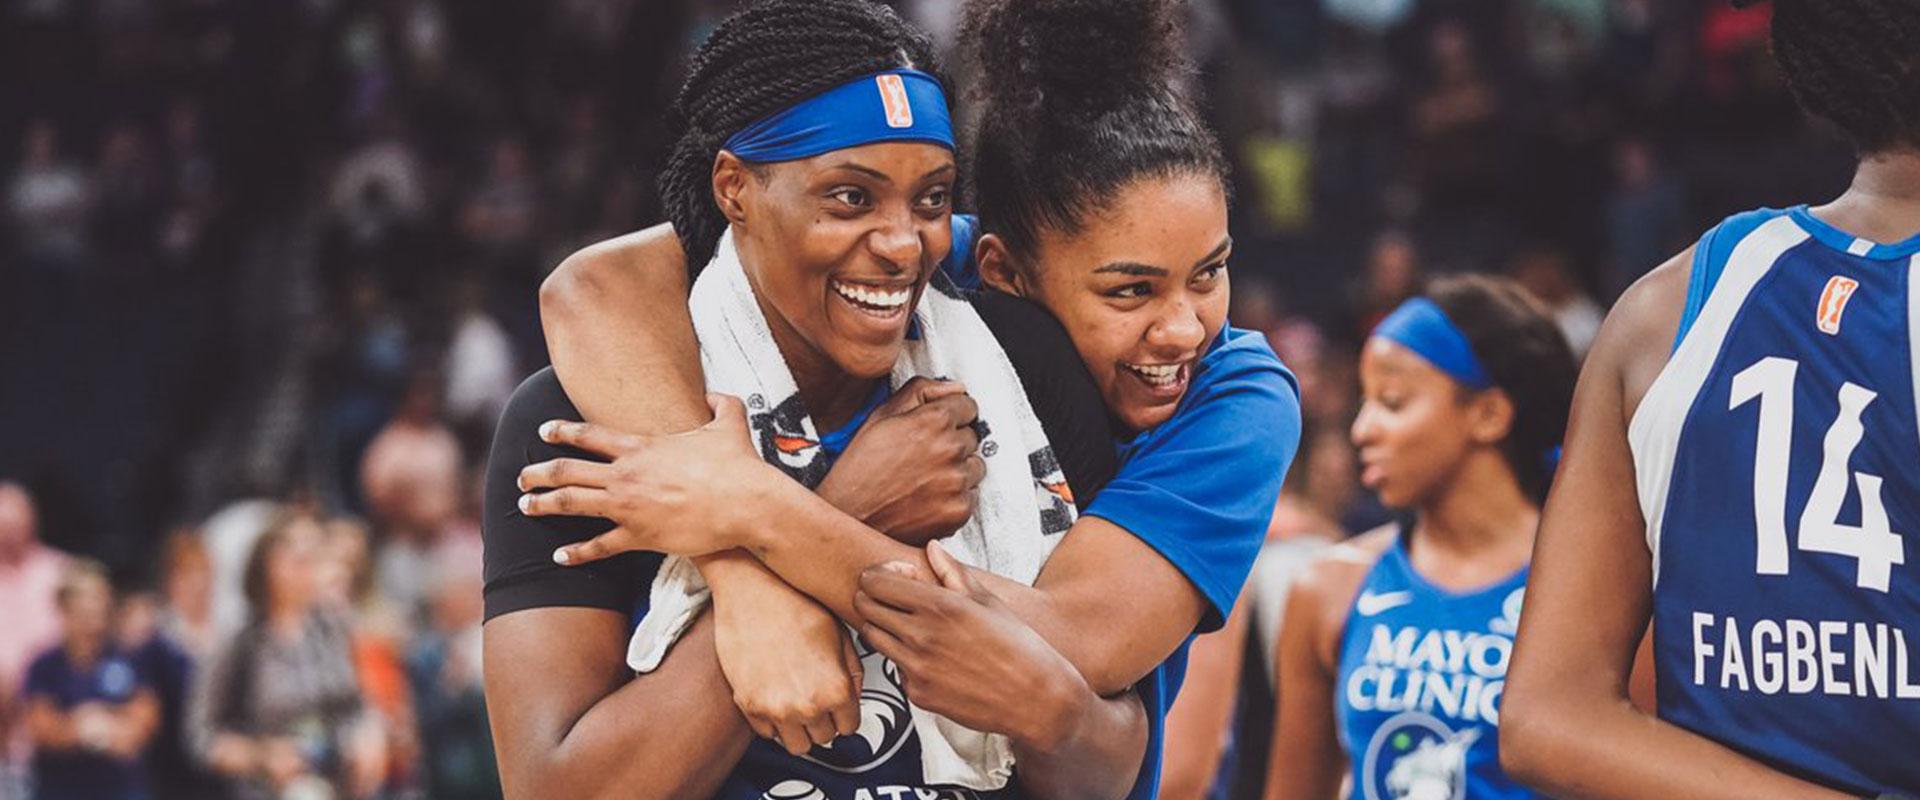 ESCOLHA SEU TIME DA WNBA